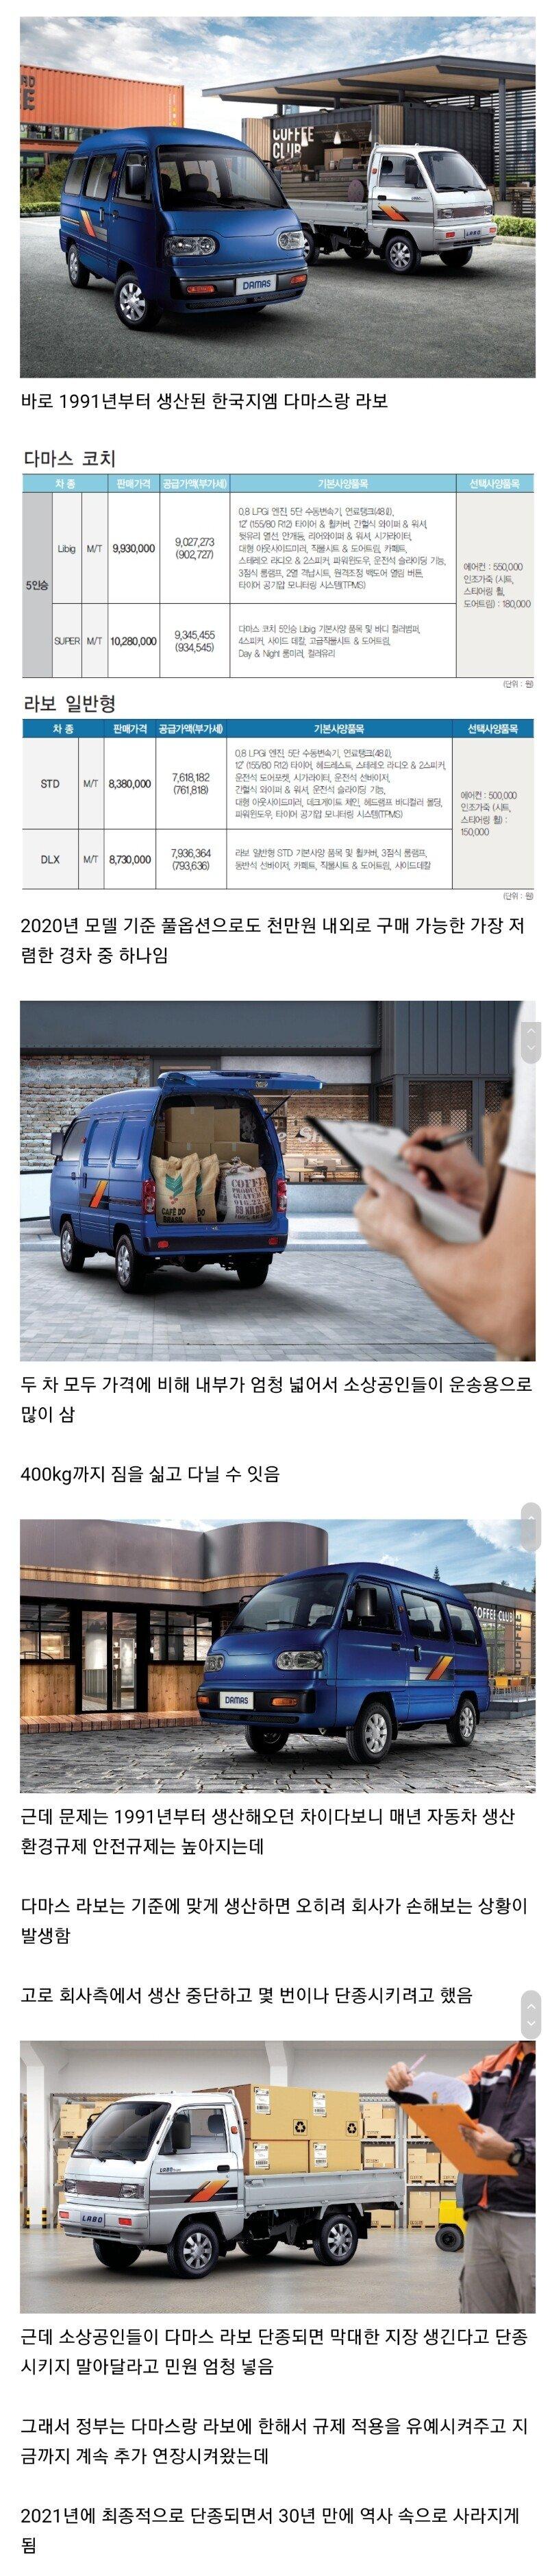 Screenshot_20200712-181338_Samsung Internet.jpg 올해까지만 생산하고 2021년부터 단종되는 차